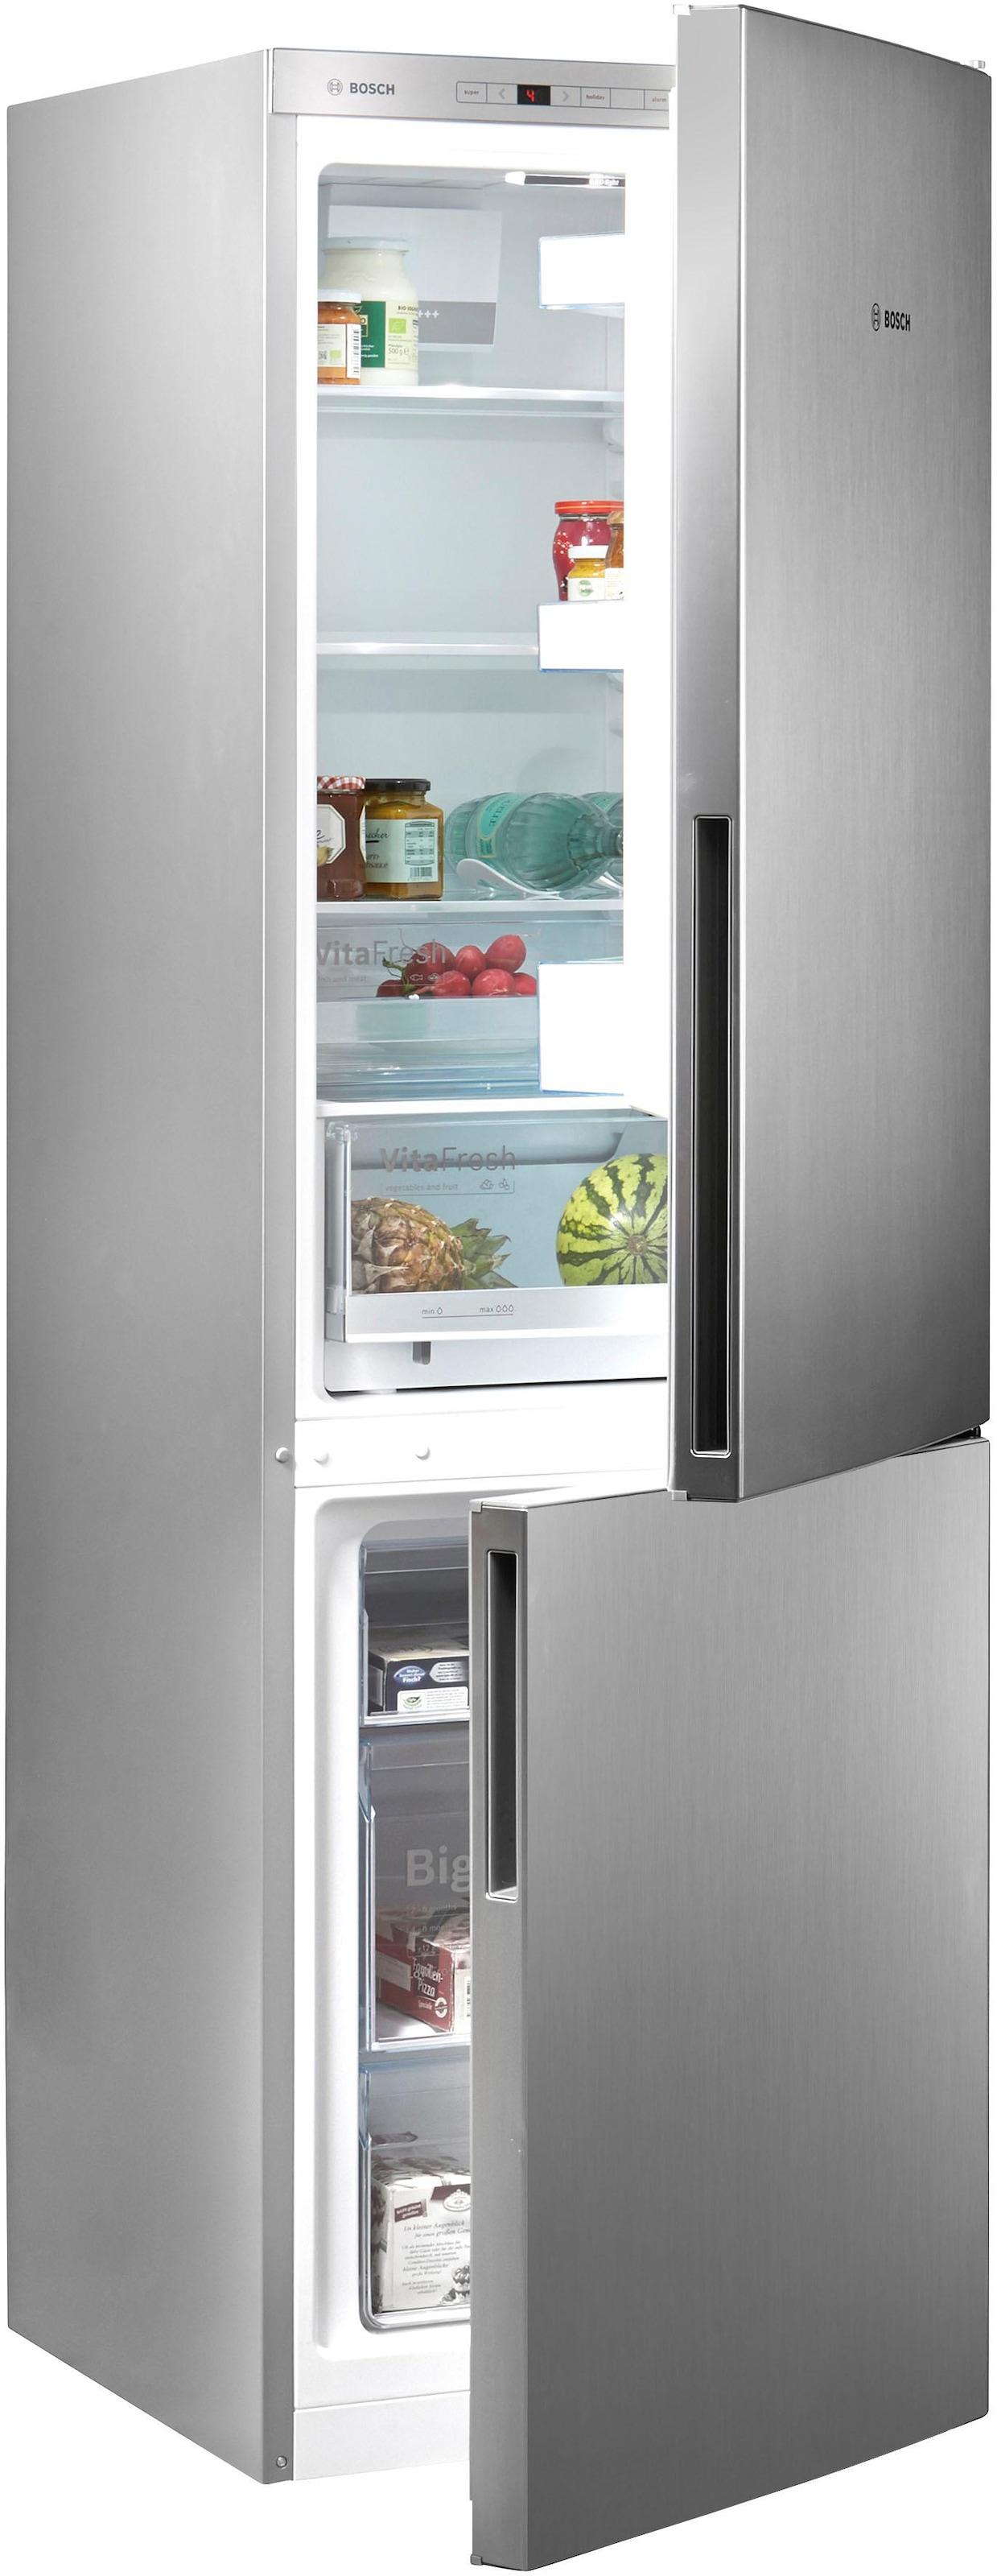 Bosch Kühlschrank Gefrierkombination : Bosch kühl gefrierkombination cm hoch cm breit baur